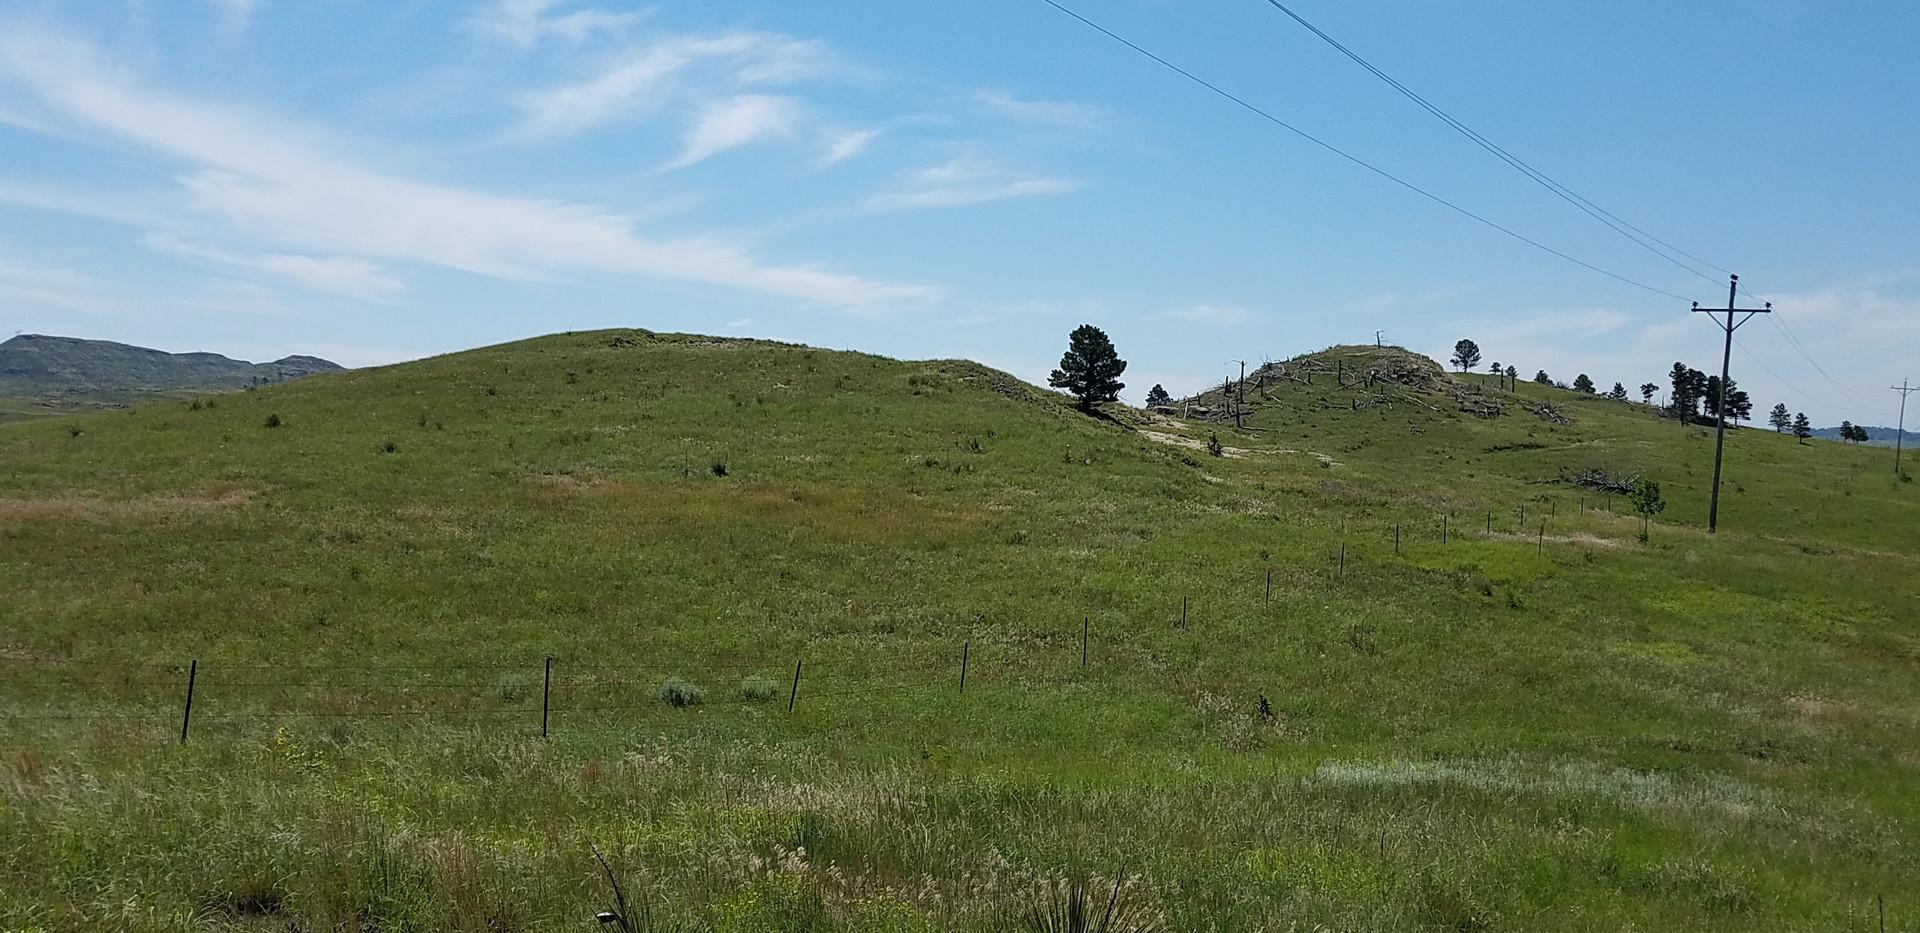 16412 South Hwy 385 - Southeast View - J